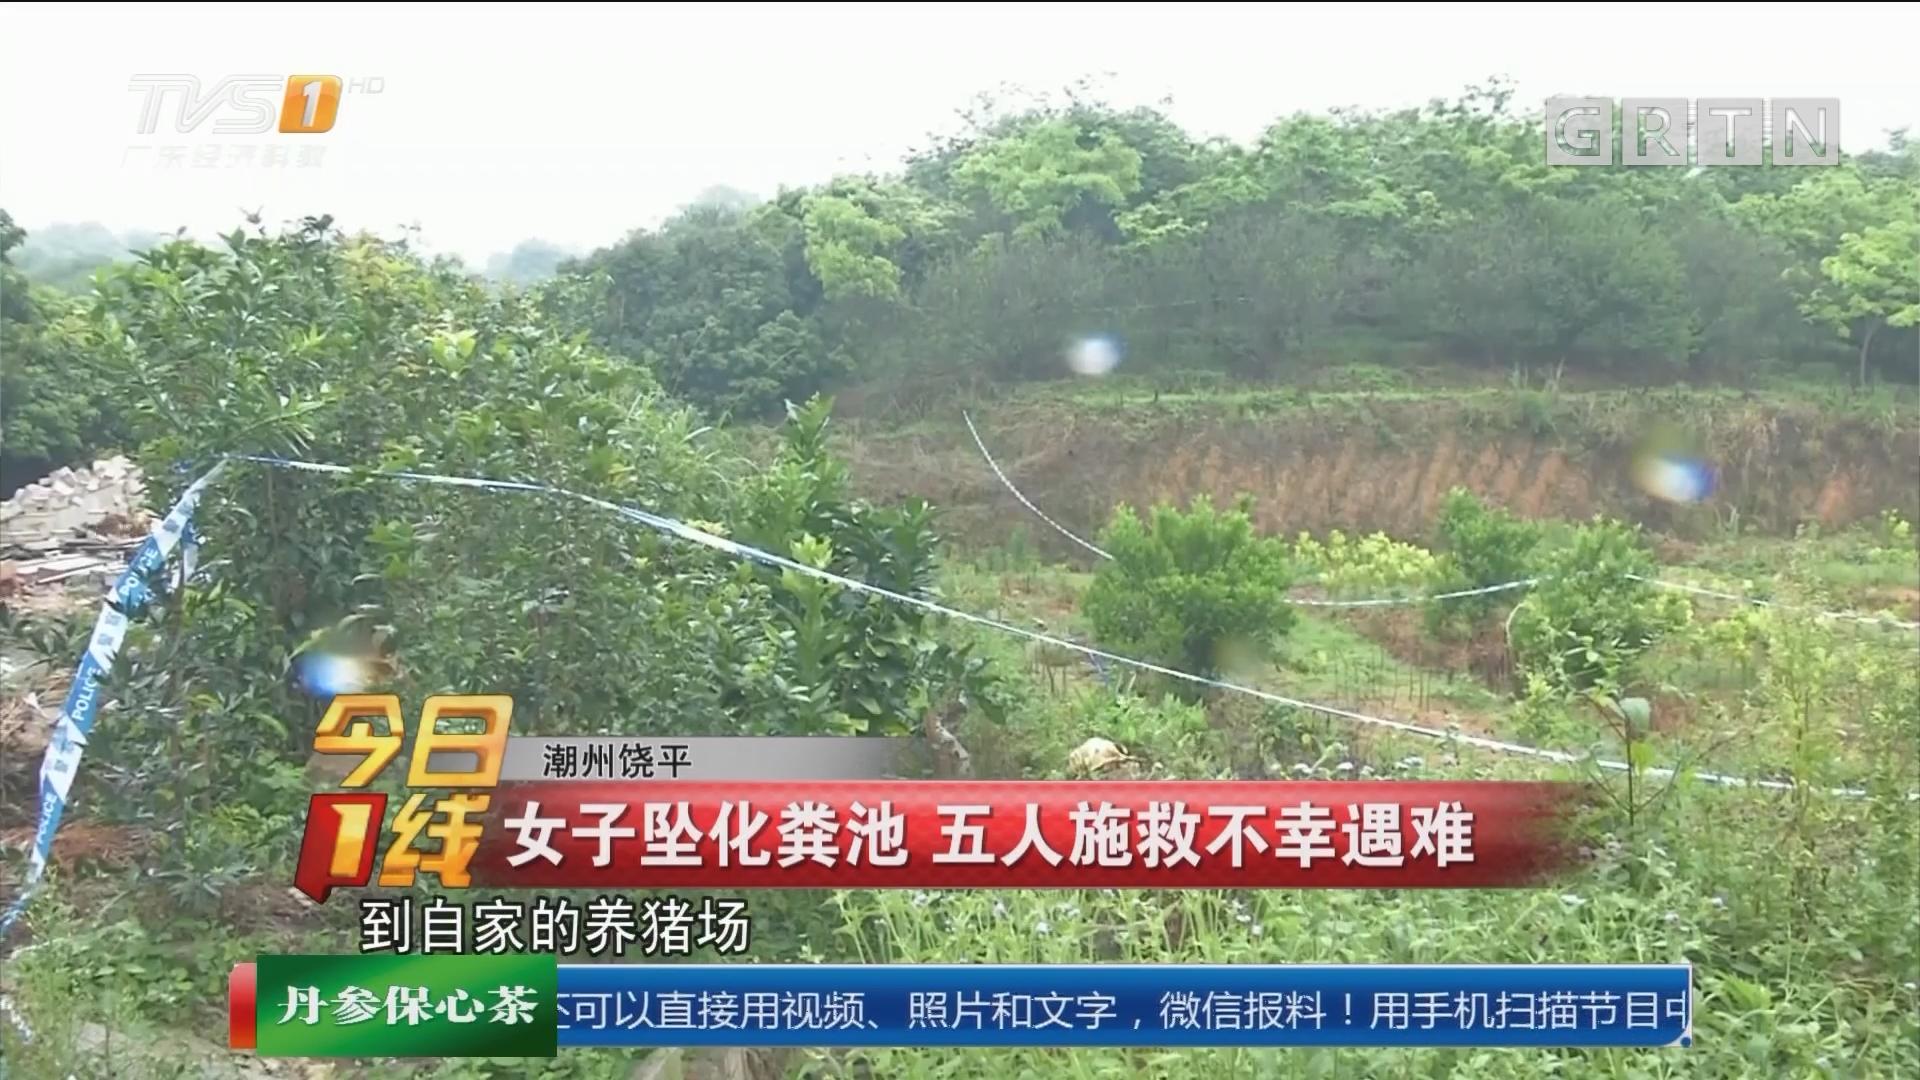 潮州饶平:女子坠化粪池 五人施救不幸遇难